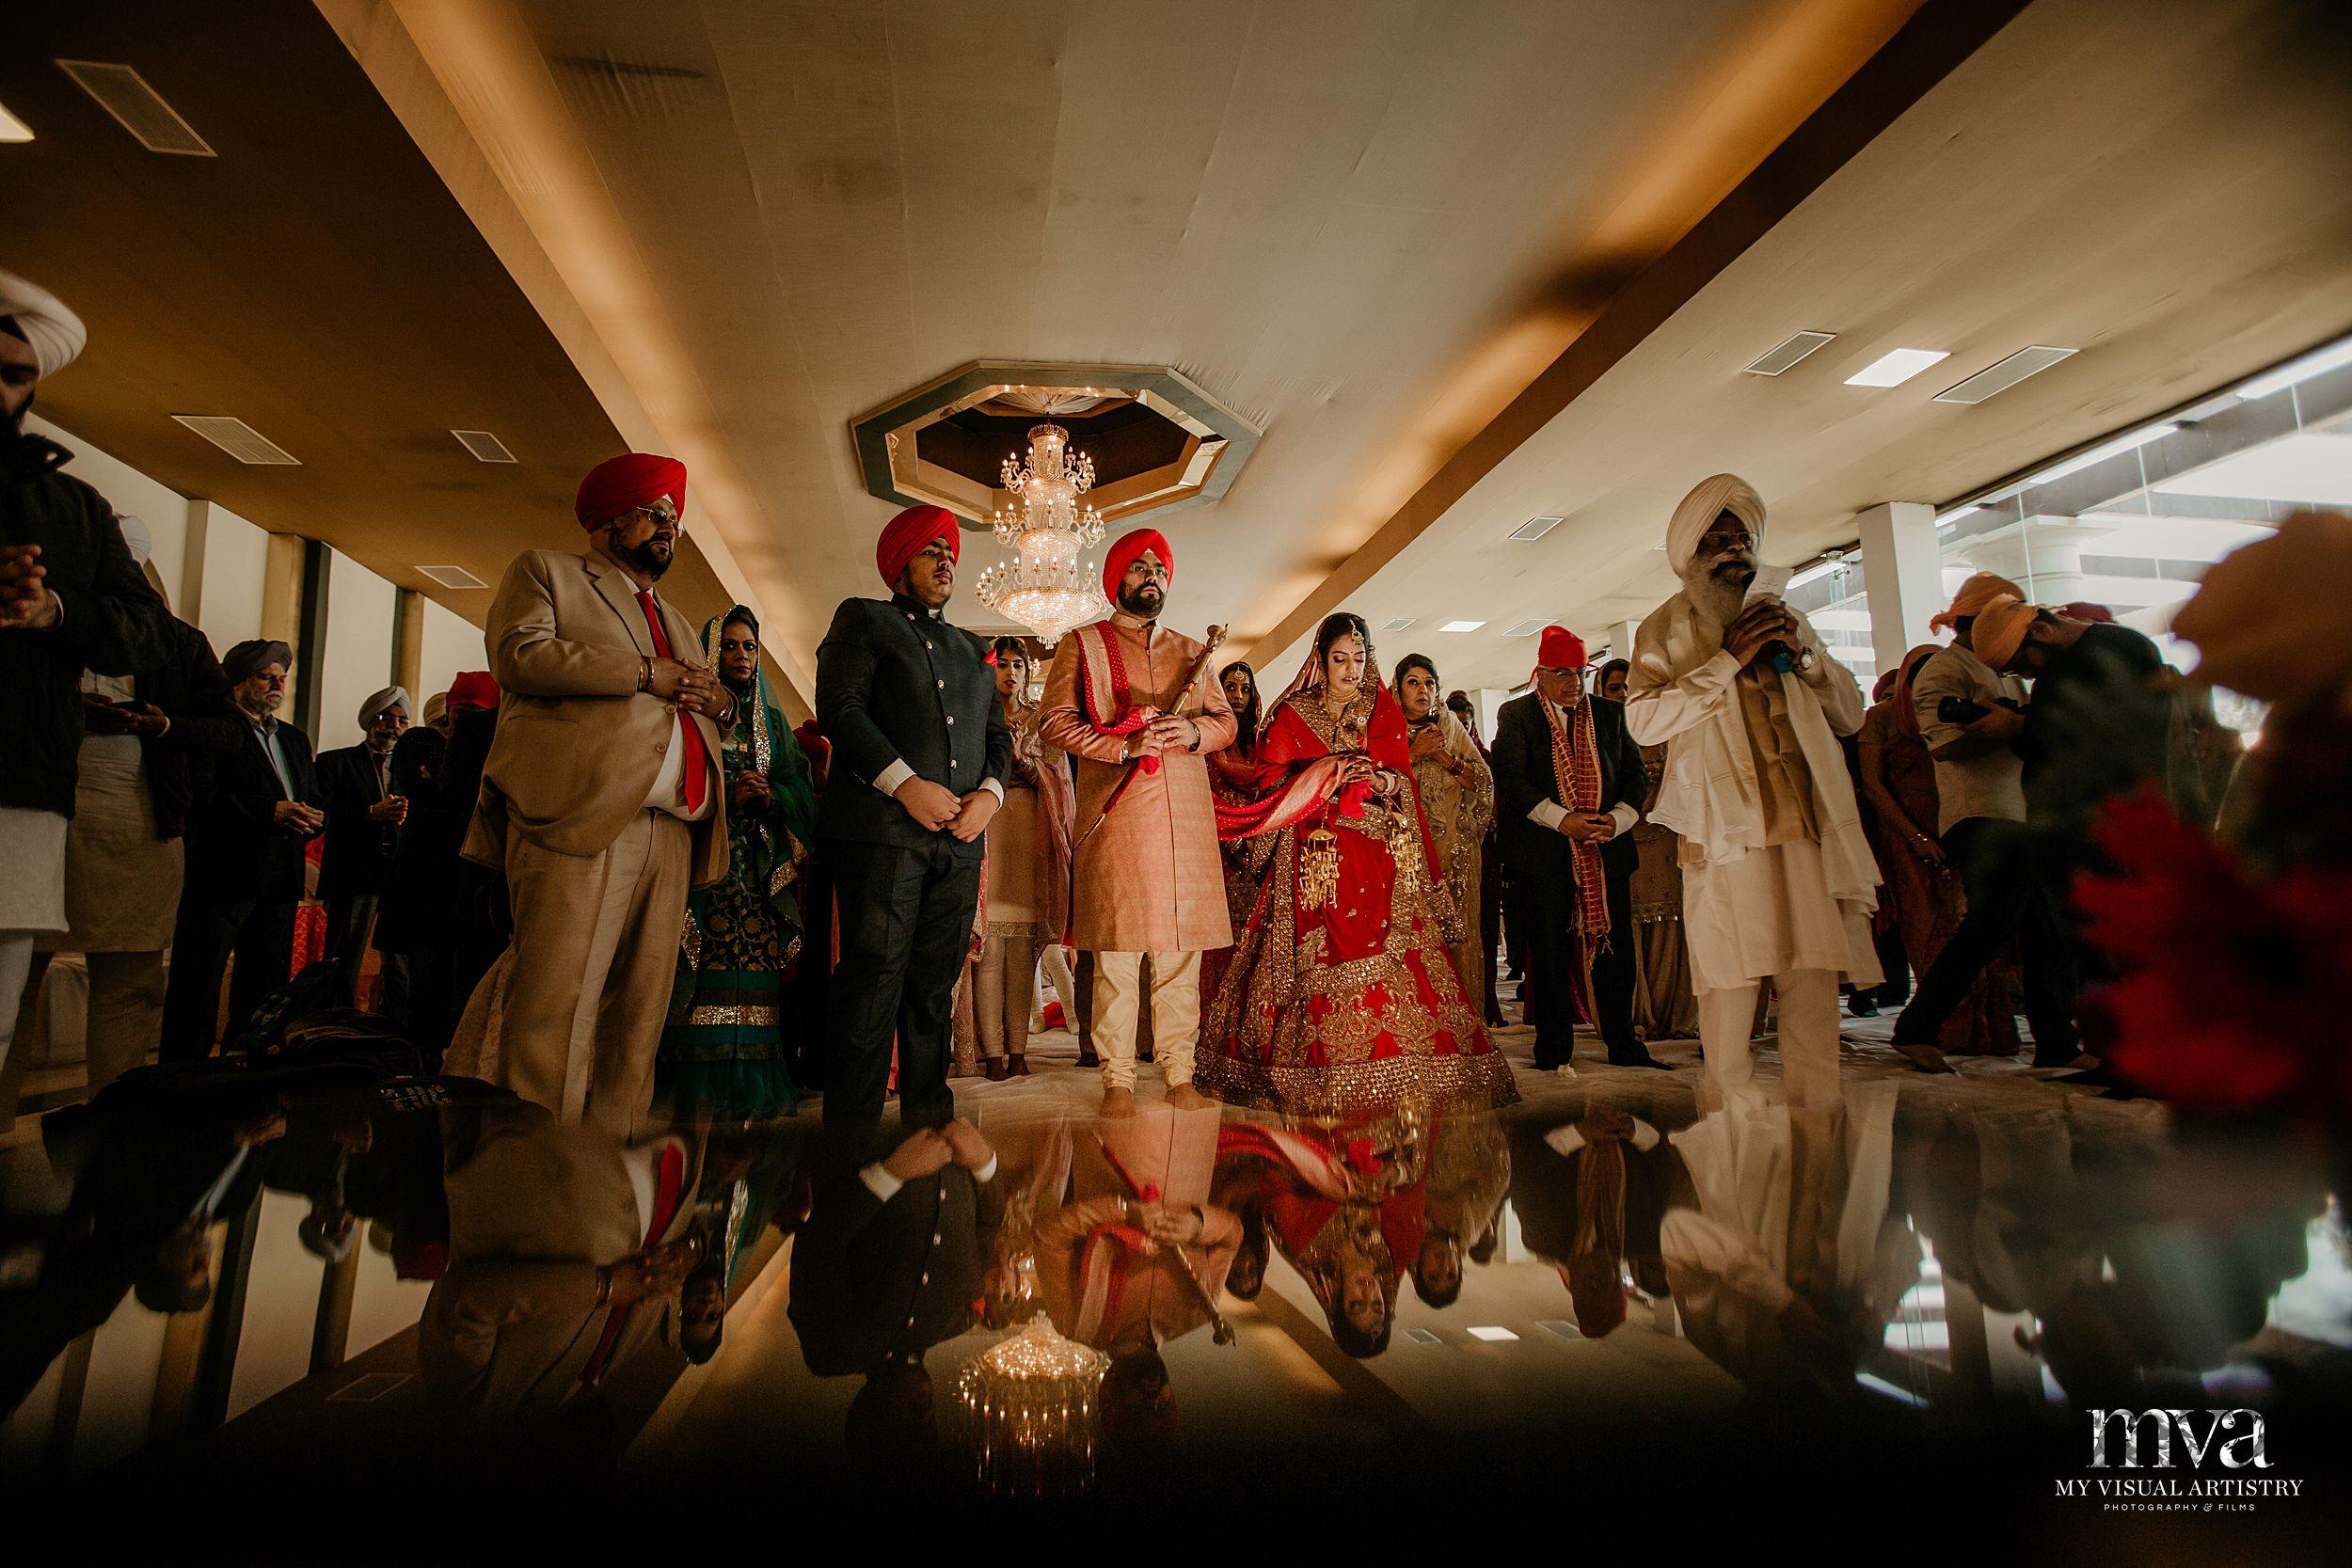 anant_arundhati_myvisualartistry_mva_wedding_sikh_ - 341.jpg